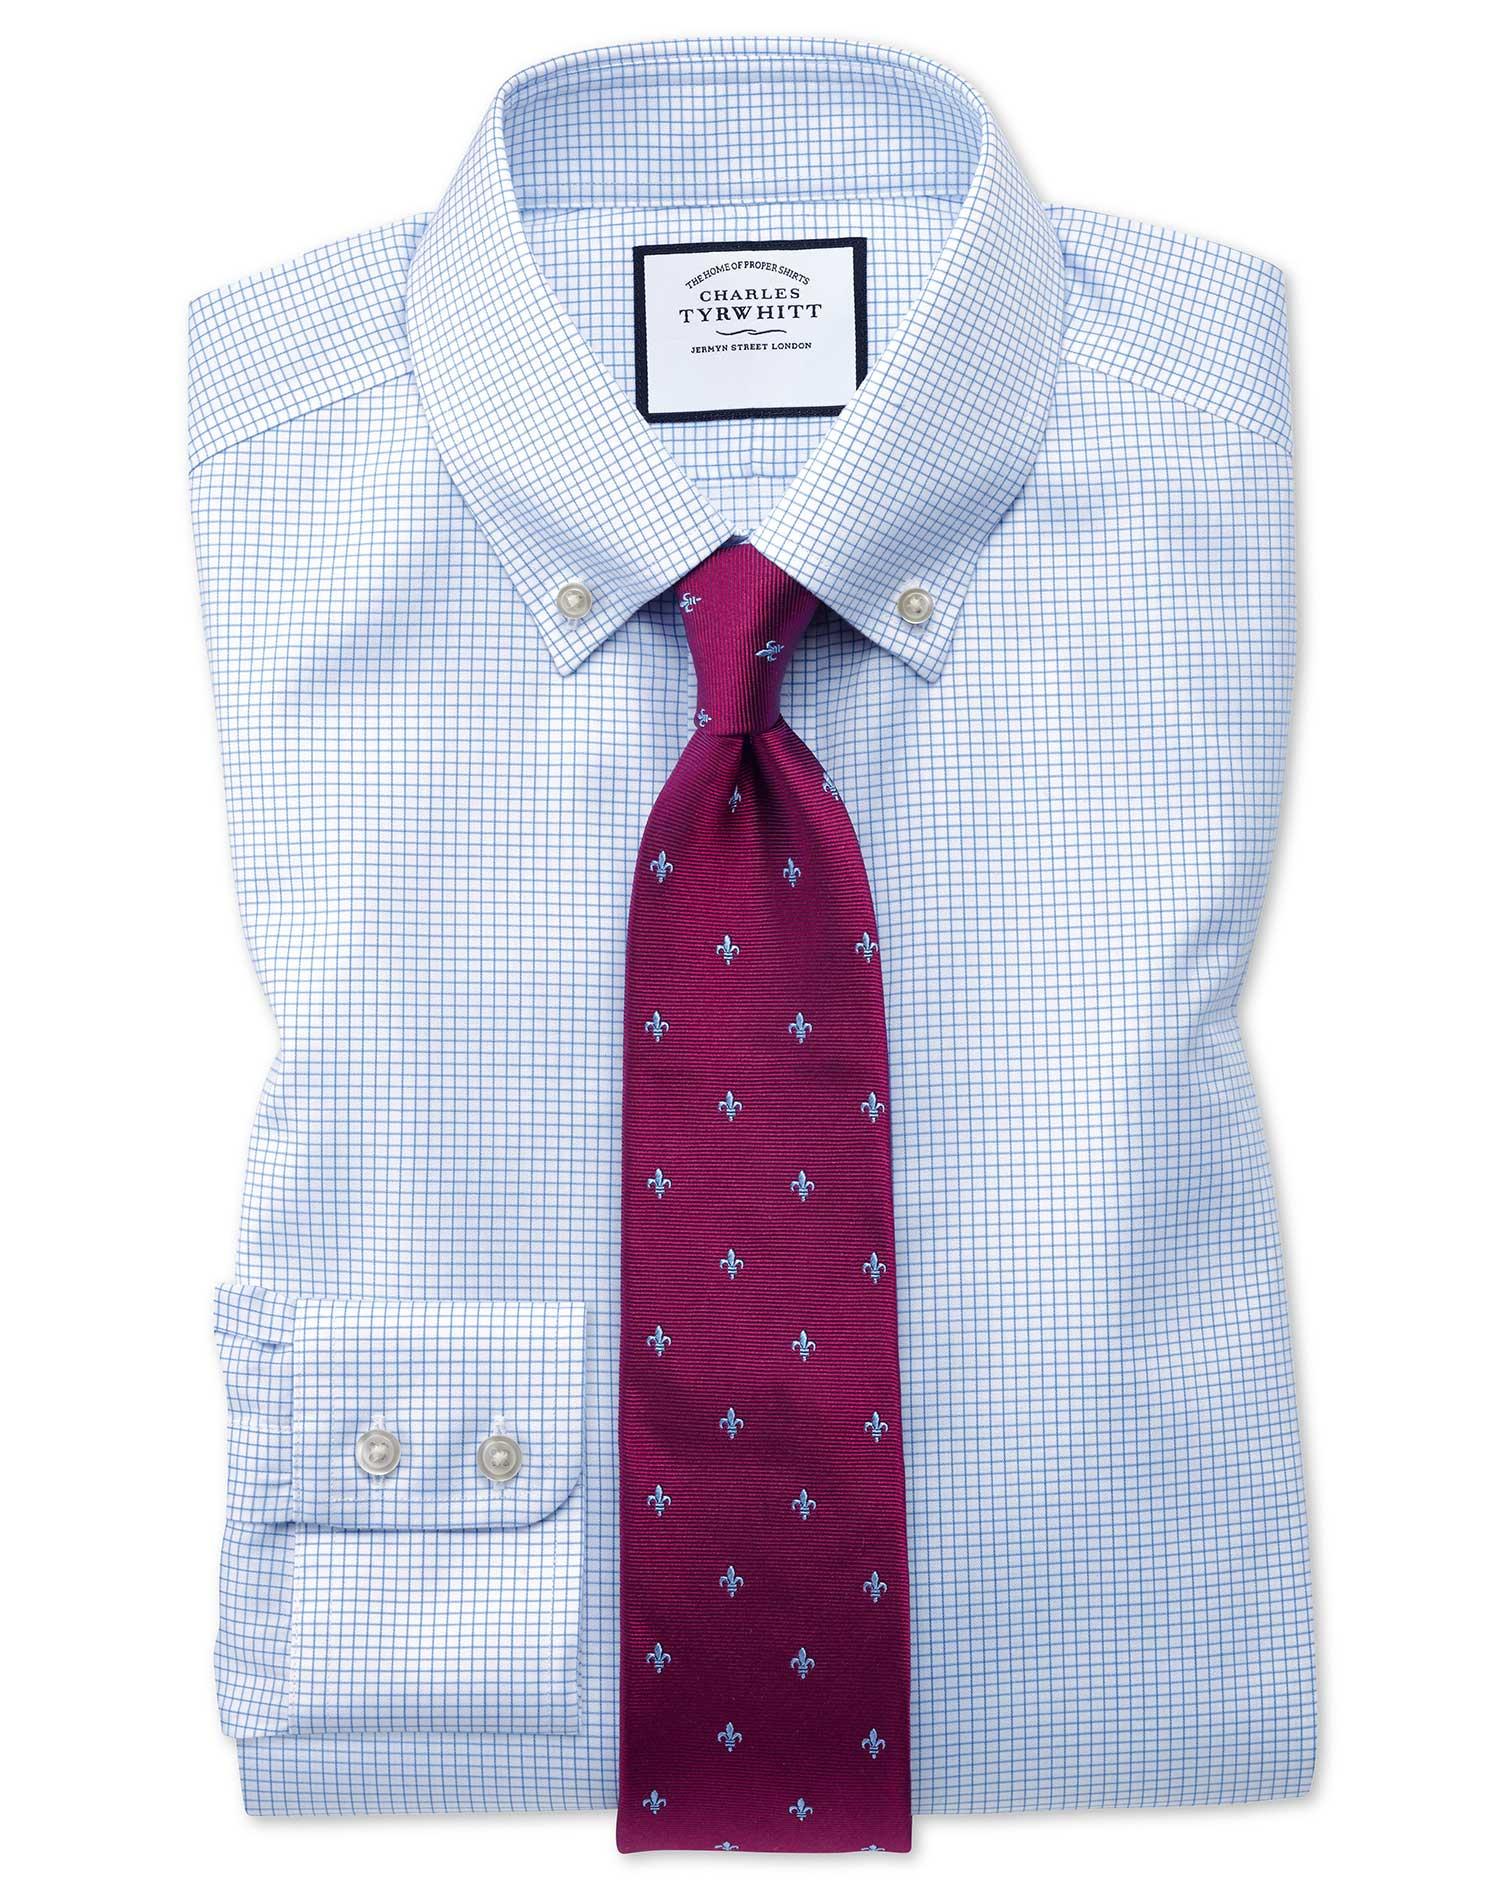 Slim Fit Button Down Non-Iron Twill Mini Grid Check Sky Blue Cotton Formal Shirt Single Cuff Size 14